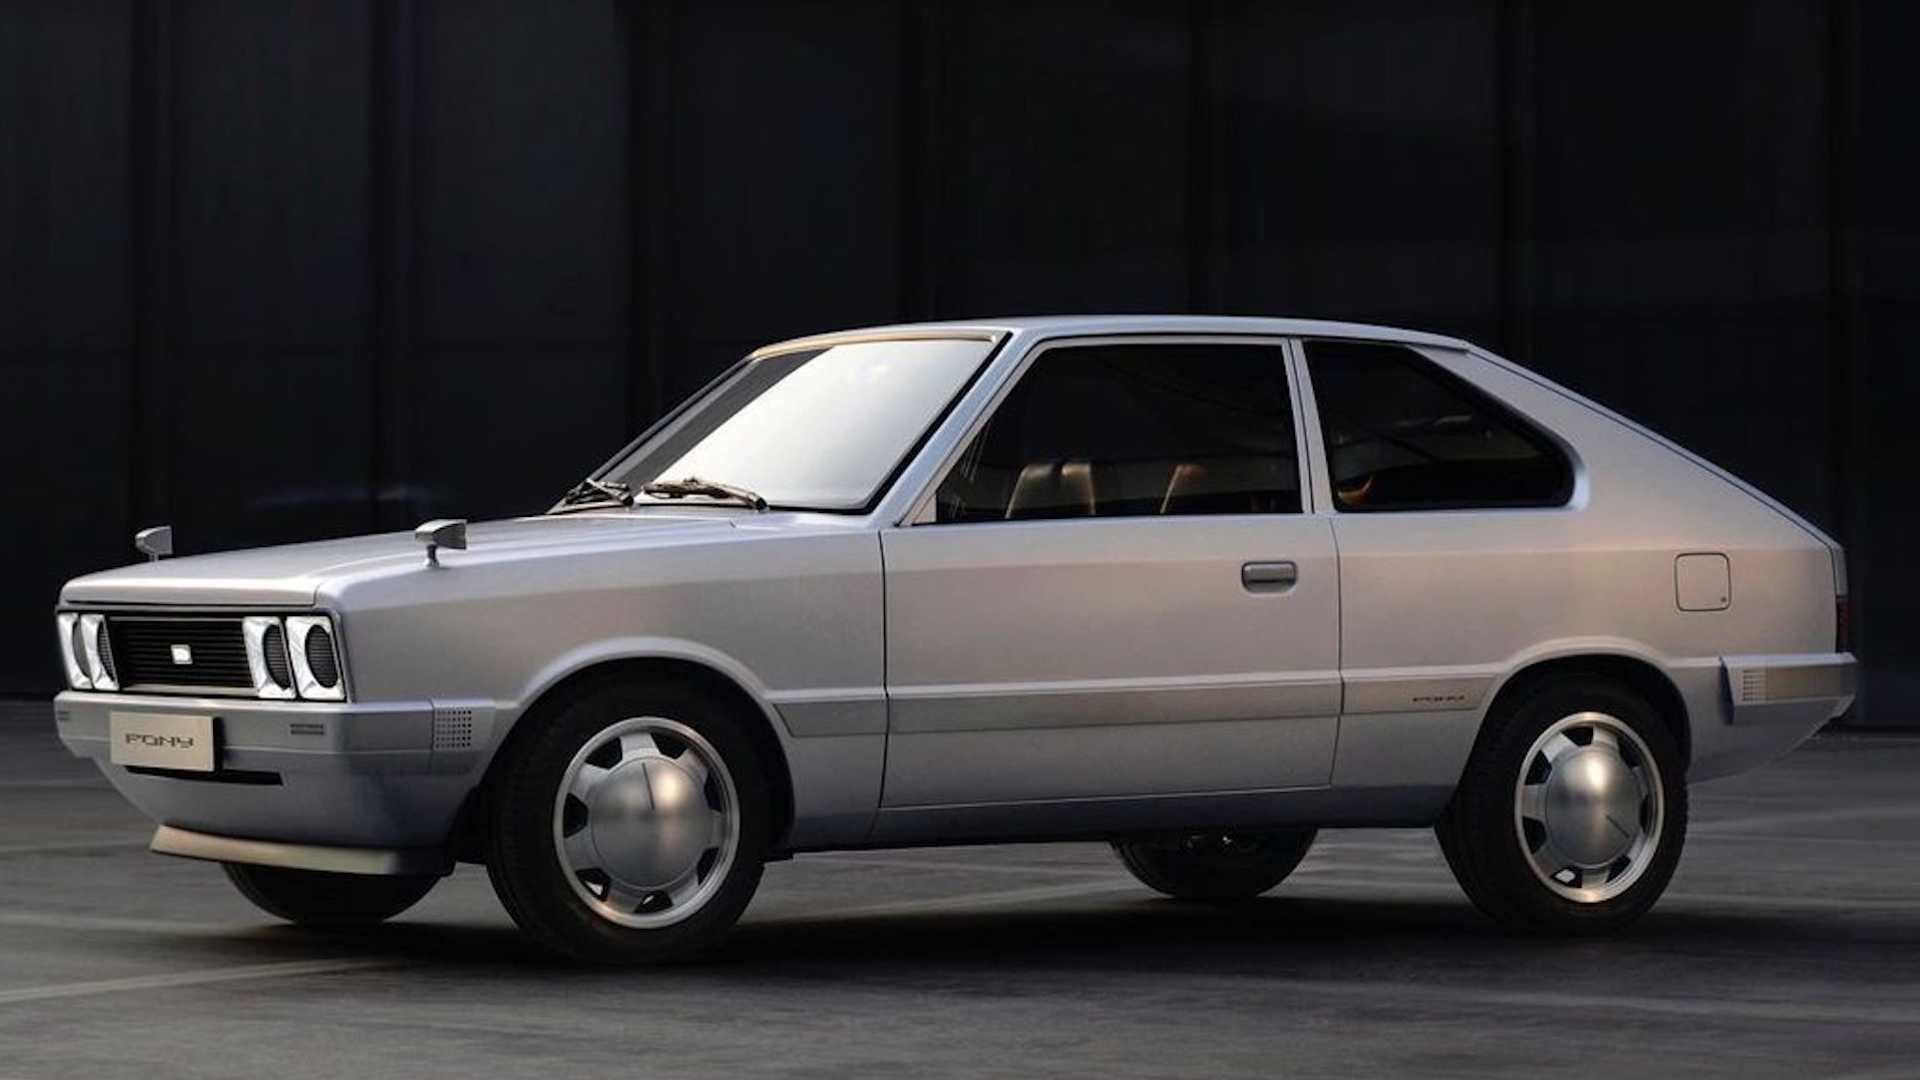 هیوندای پونی برقی معرفی شد؛ کانسپتی برای ادای احترام به اولین خودروی تولید انبوه کمپانی